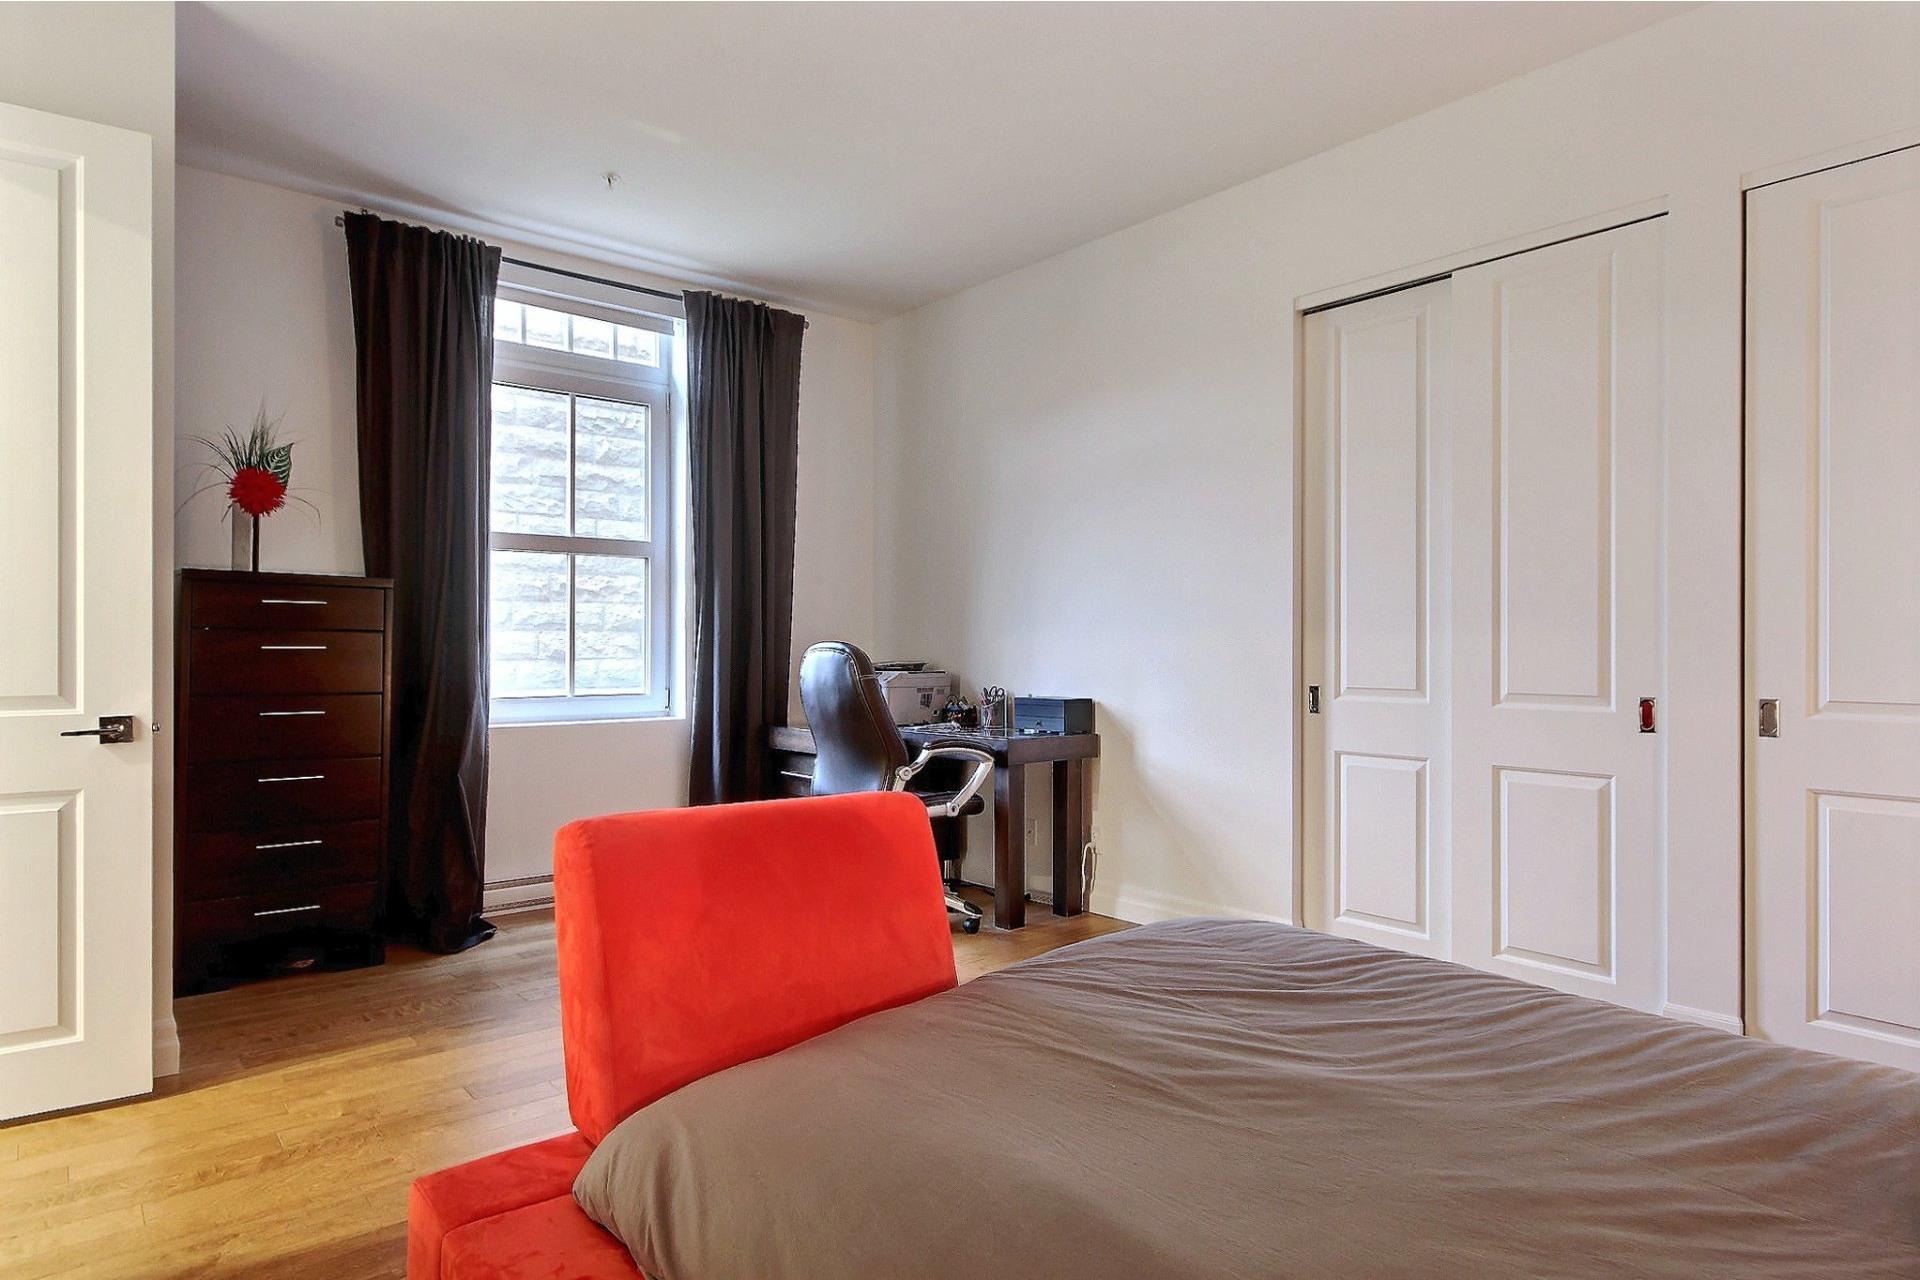 image 17 - Appartement À vendre Sainte-Foy/Sillery/Cap-Rouge Québec  - 7 pièces